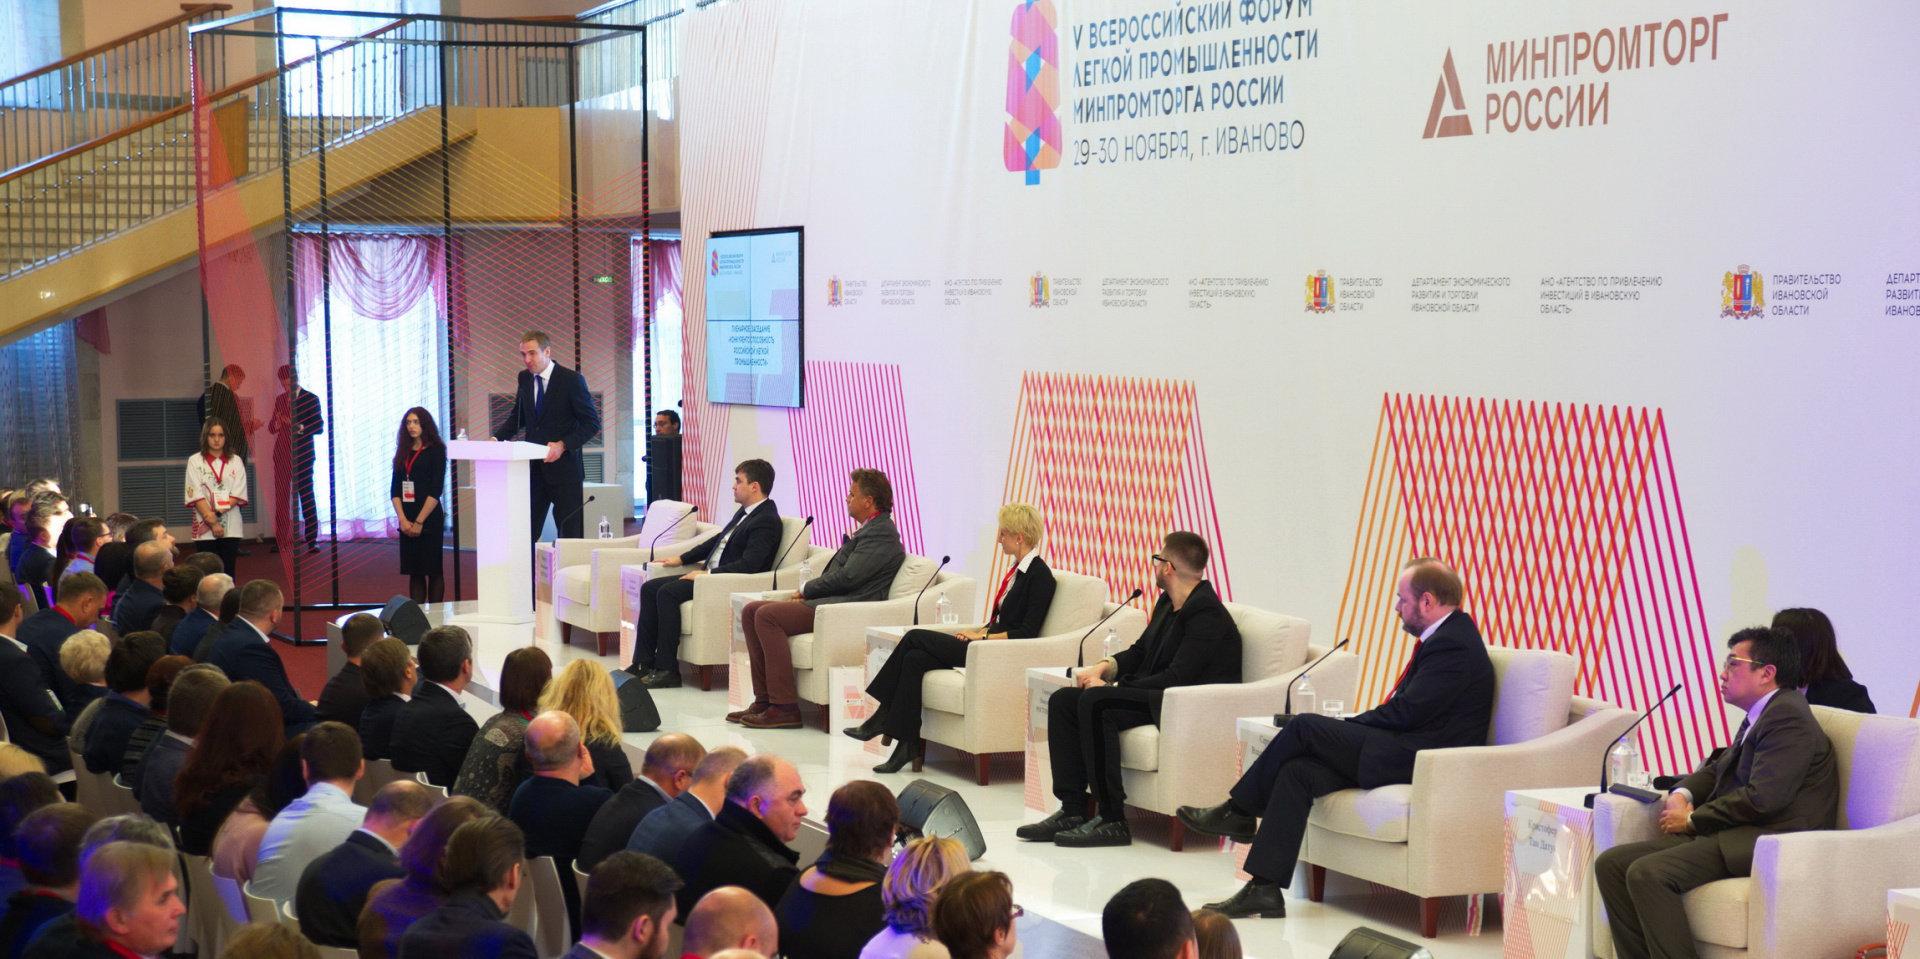 «Сбербанк» поднимет вопросы экологии и цифровой стратегии на форуме «Мануфактура 4» в Ивановской области